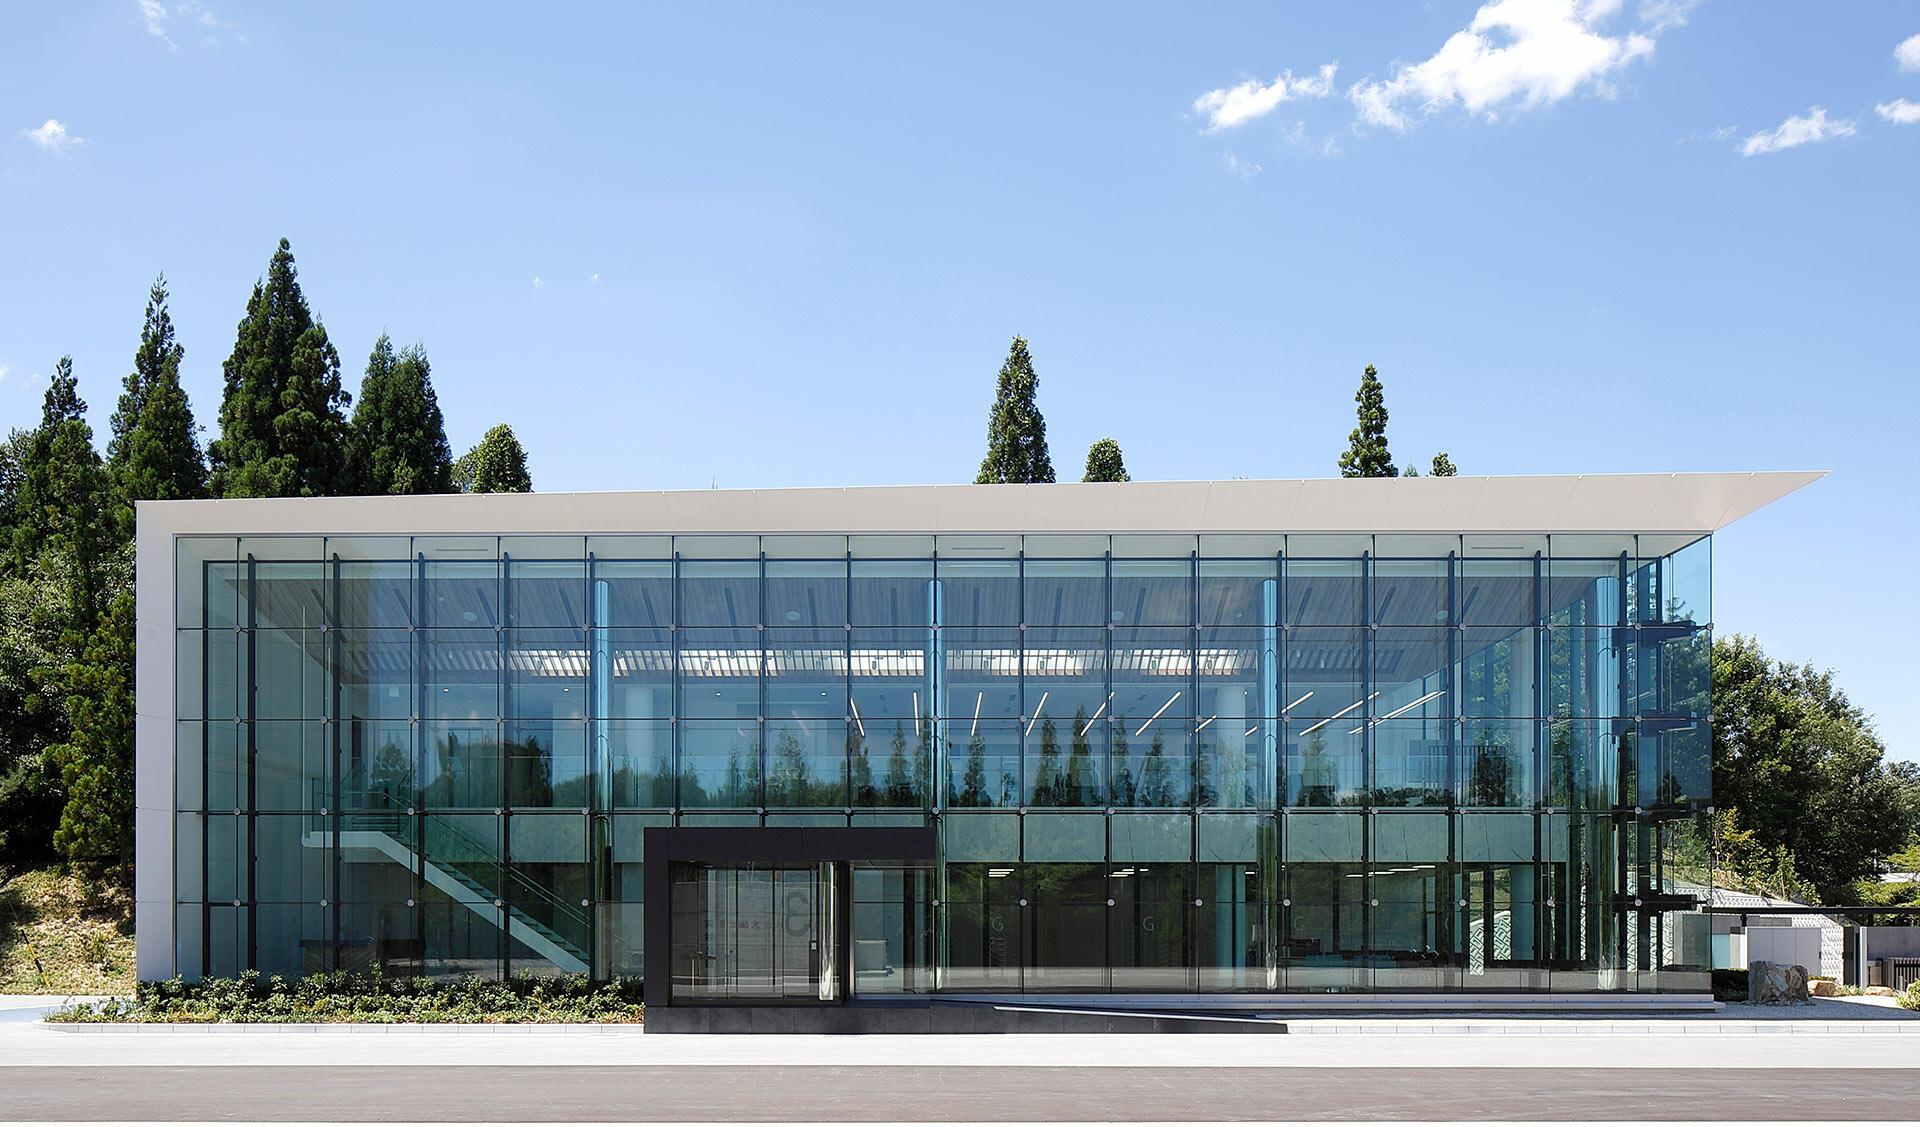 矢作建設工業株式会社<br />エンジニアリングセンター研究棟の写真